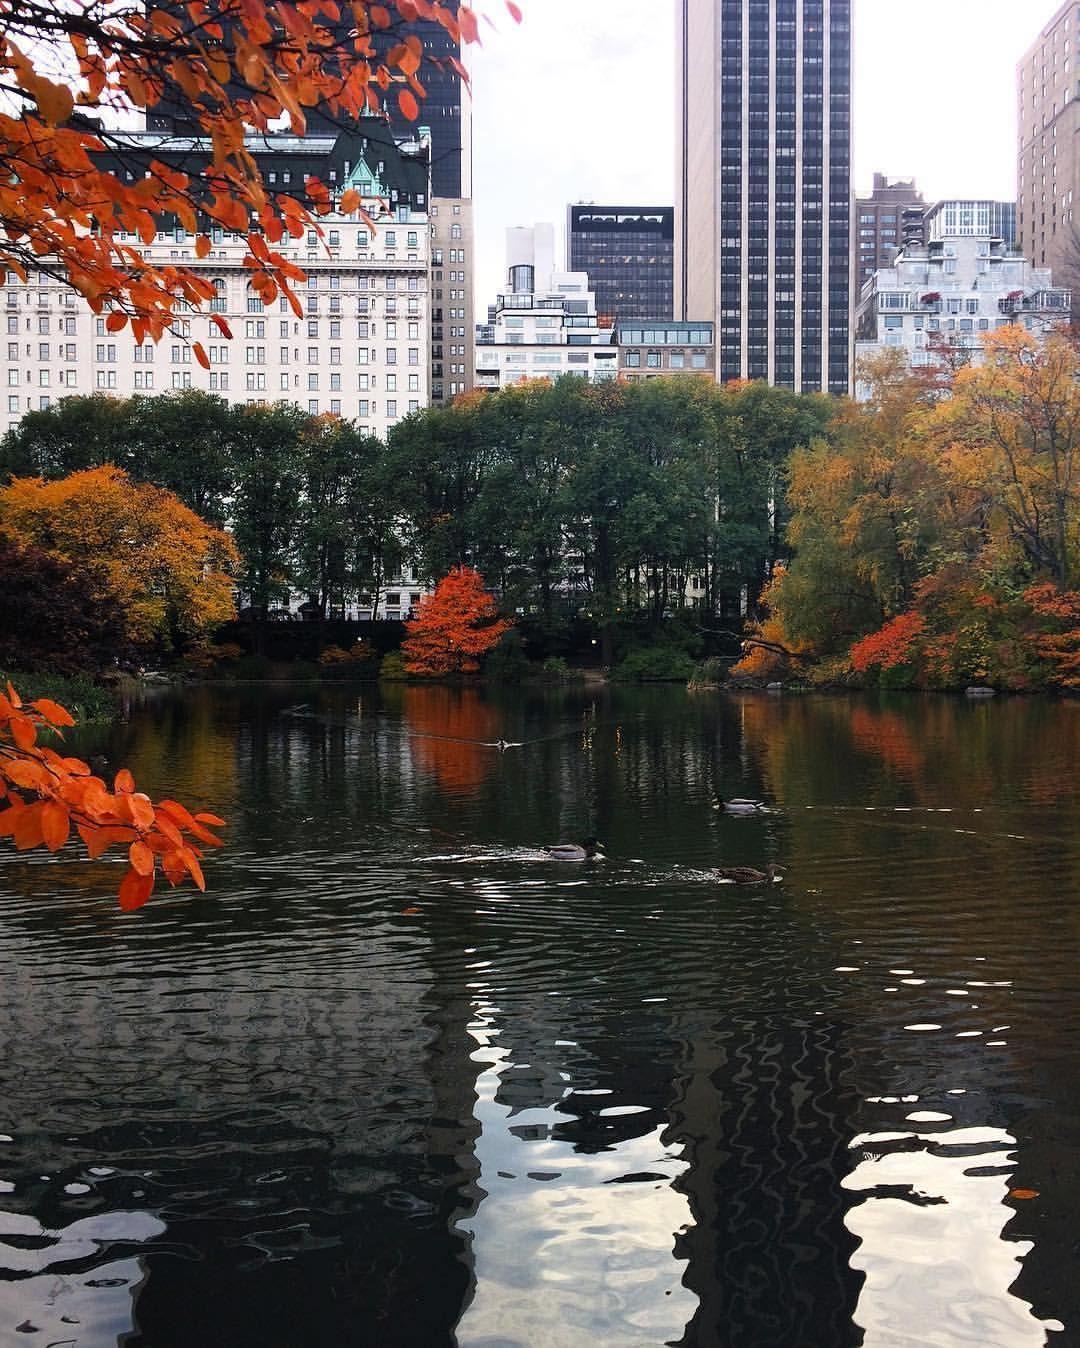 Αποτέλεσμα εικόνας για autumn manhattan instagram